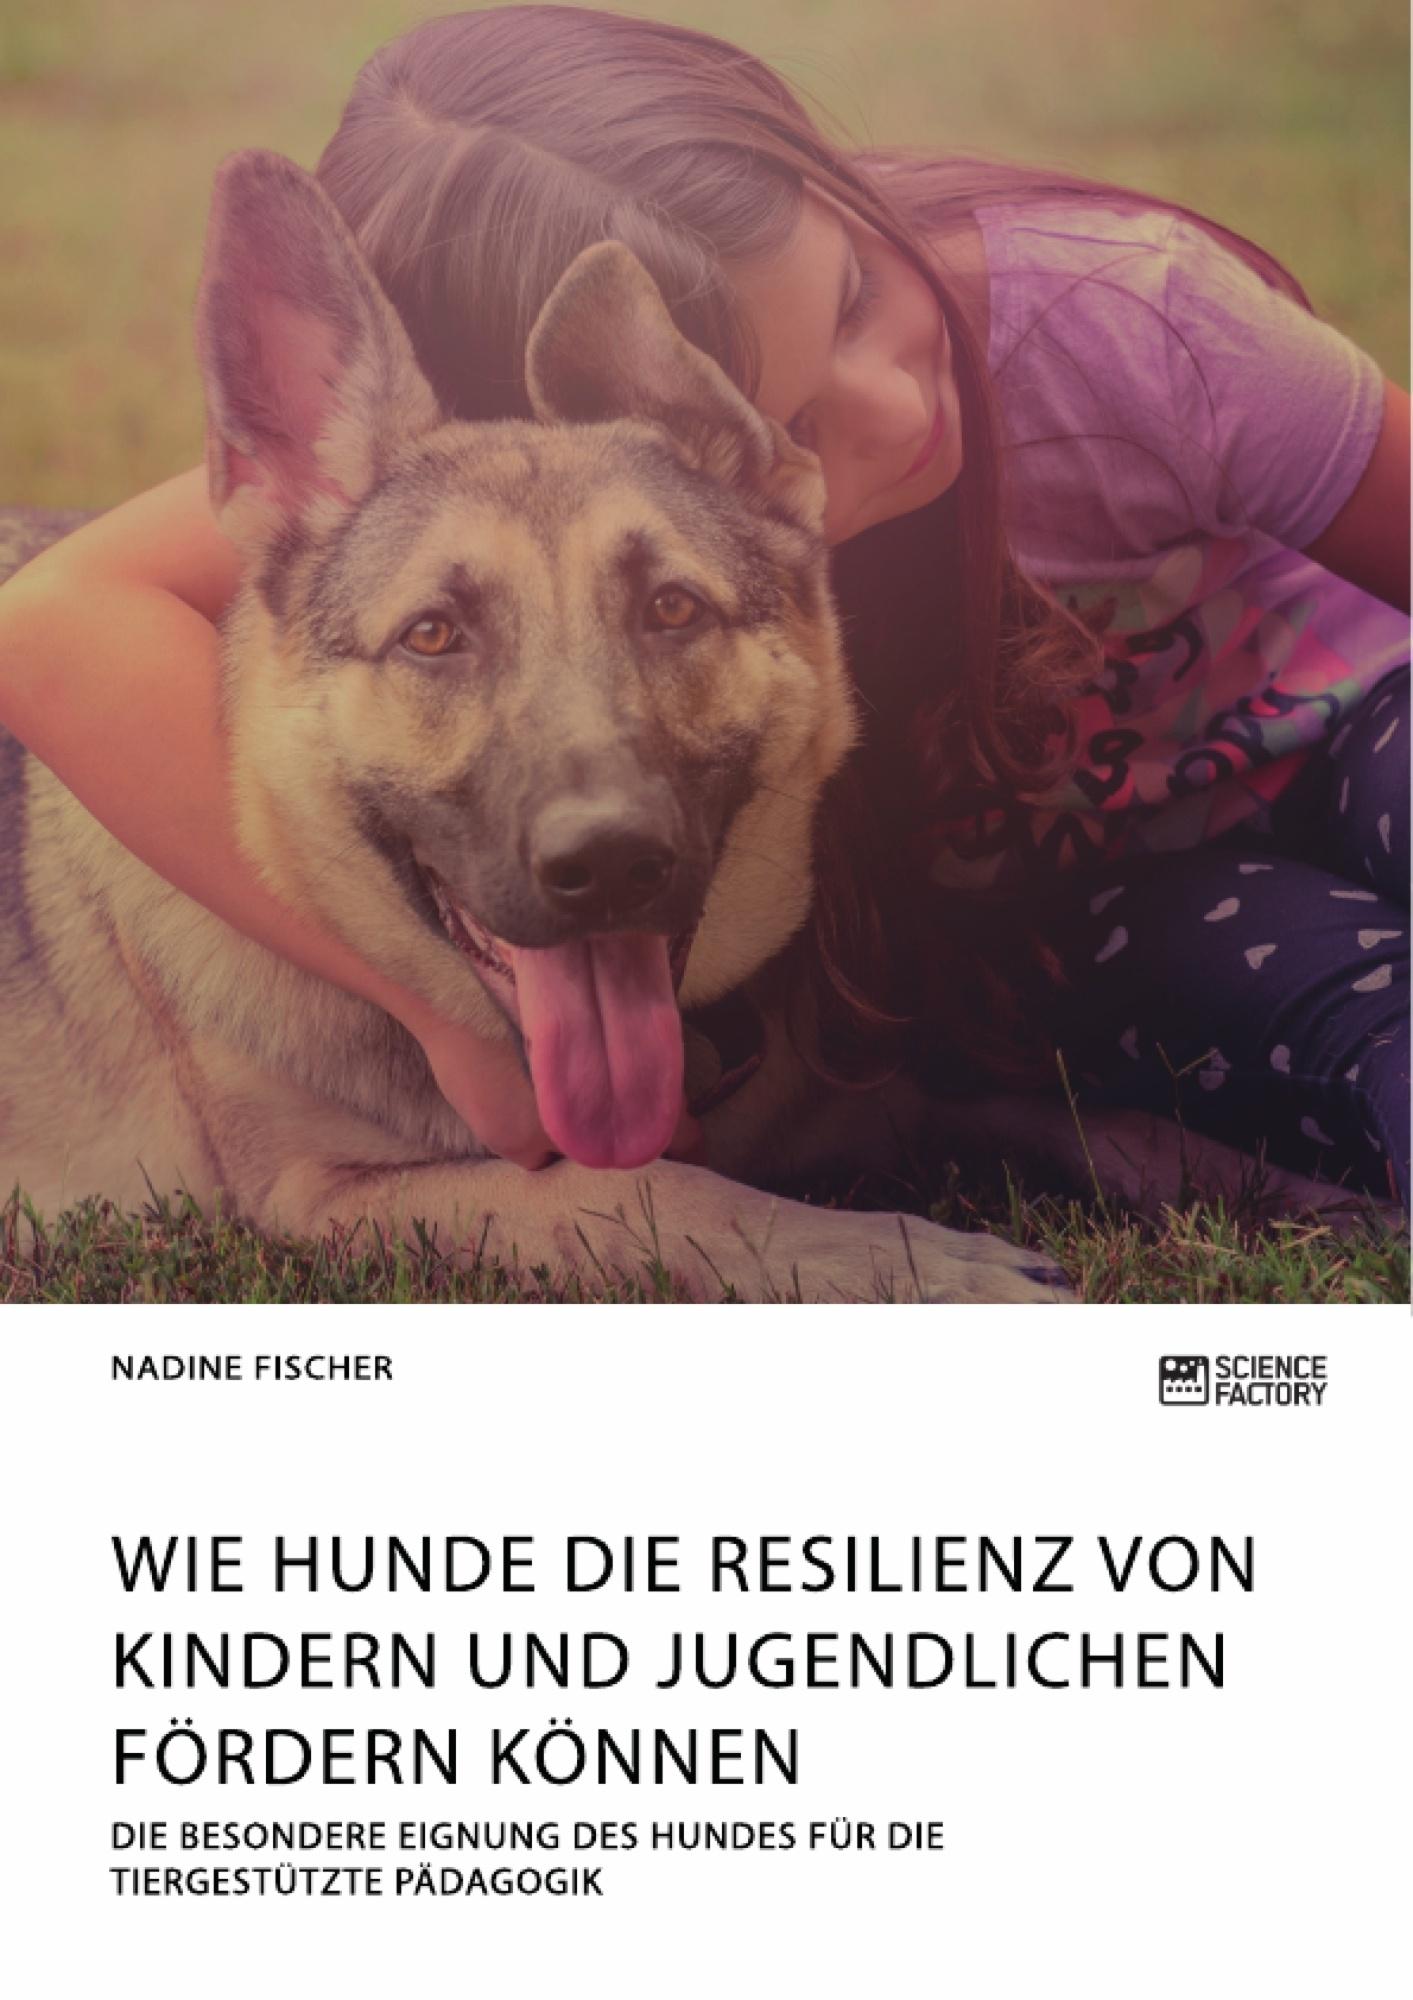 Titel: Wie Hunde die Resilienz von Kindern und Jugendlichen fördern können. Die besondere Eignung des Hundes für die tiergestützte Pädagogik